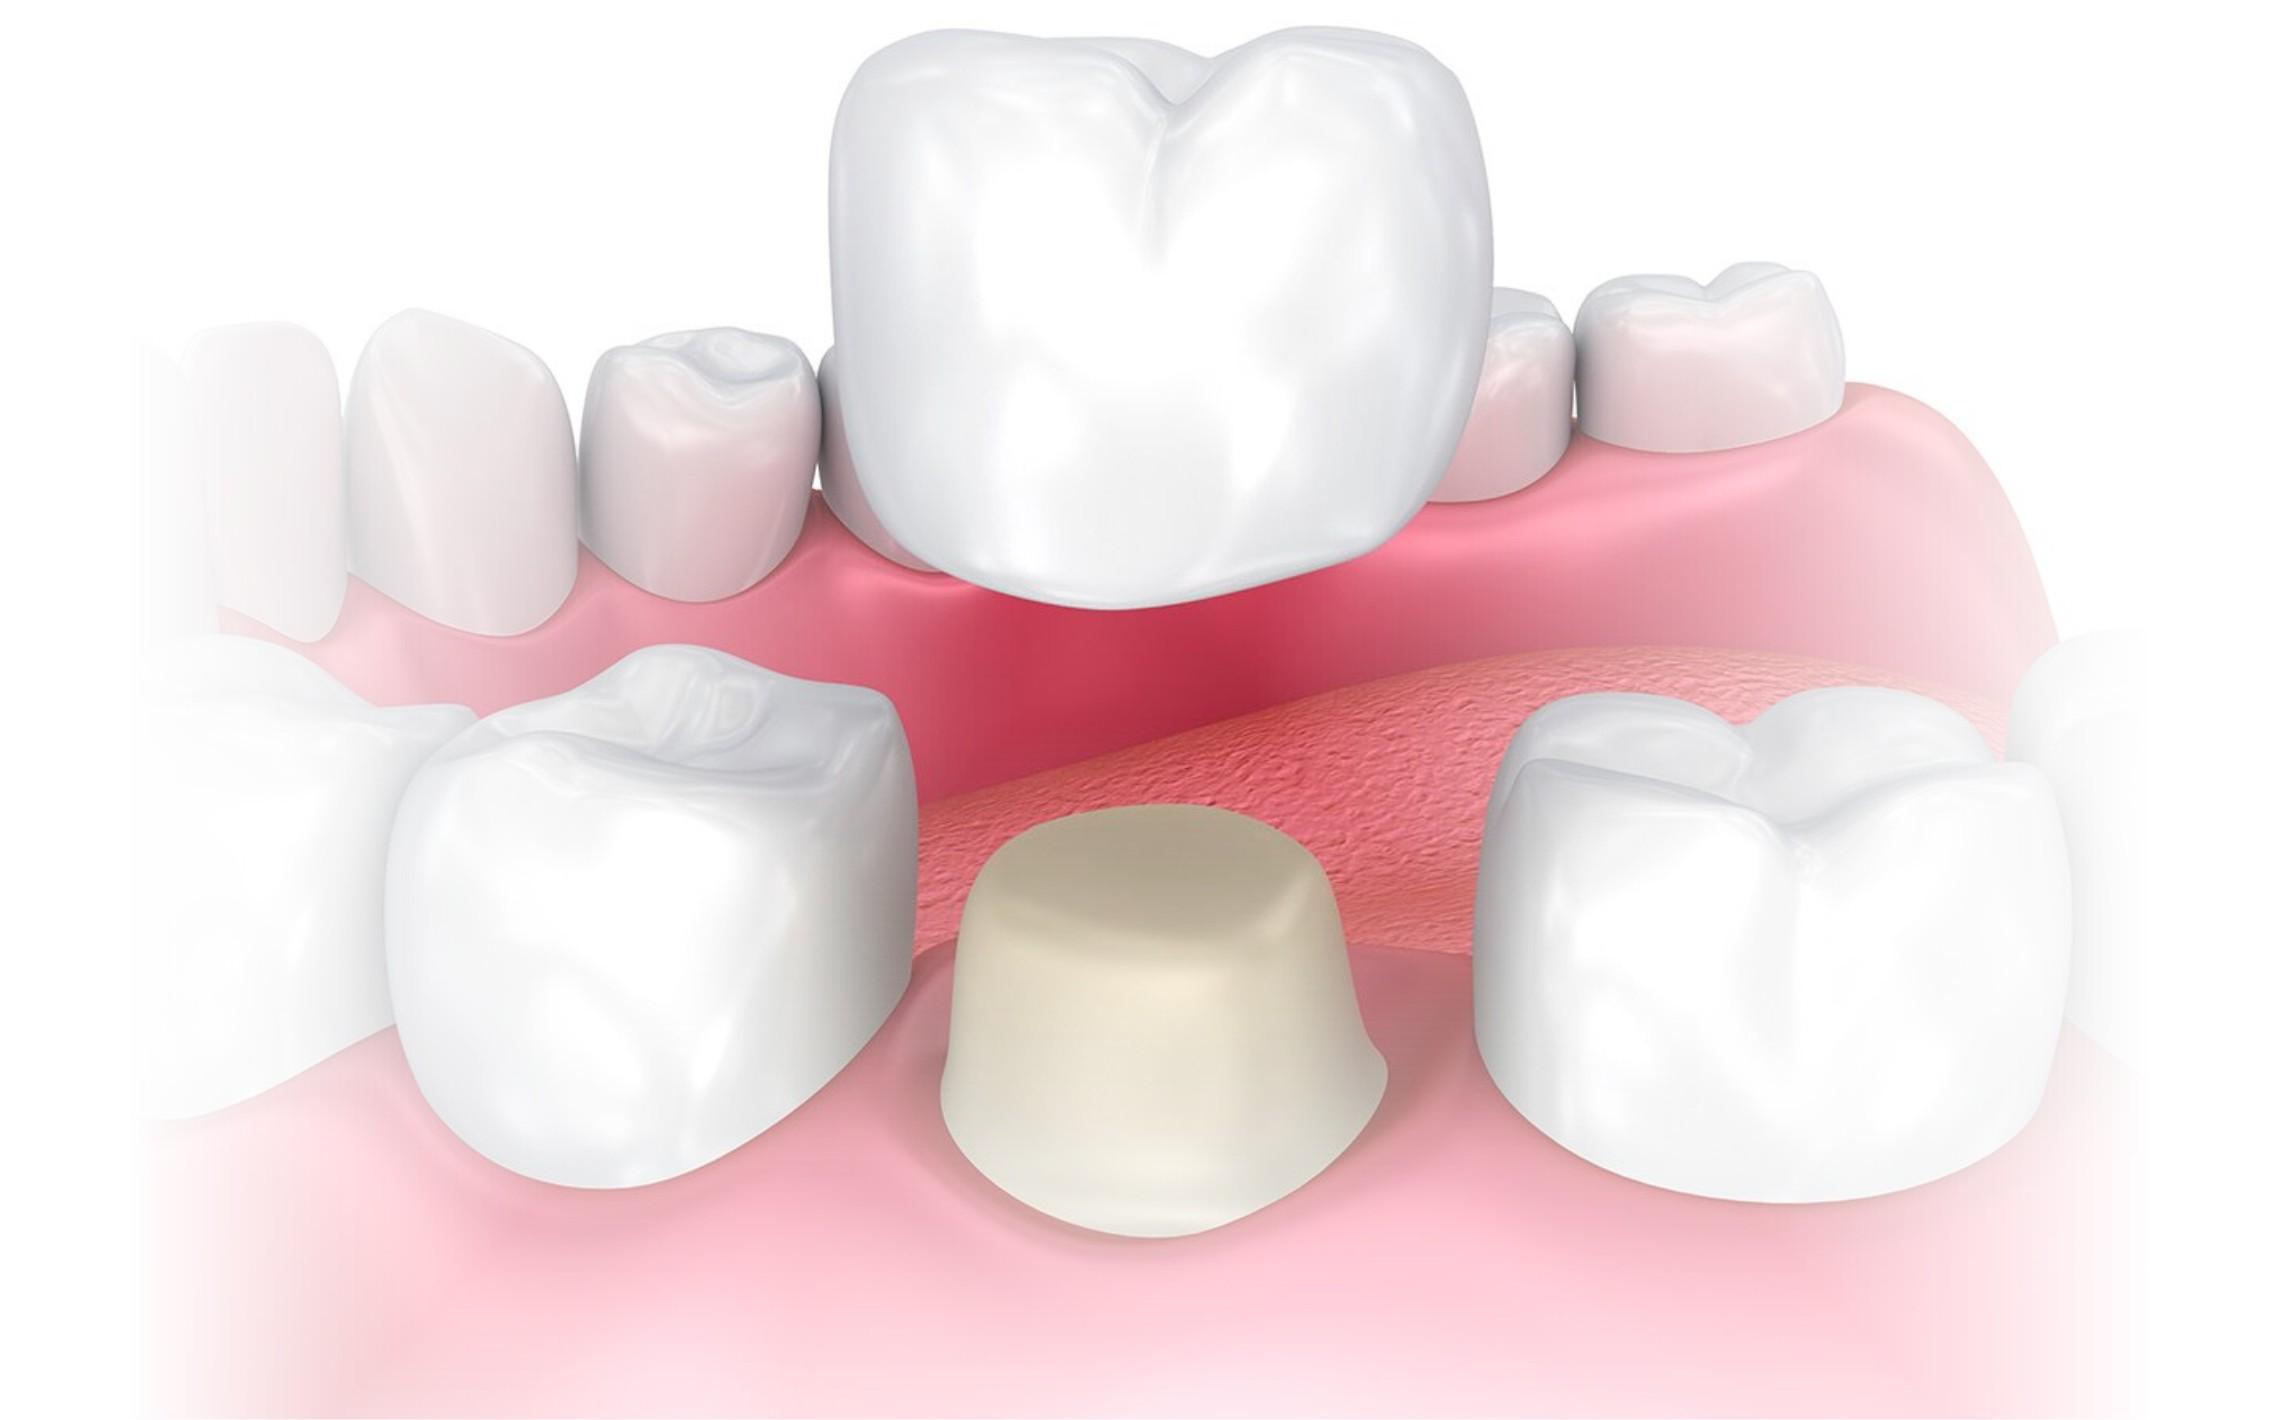 harga dental crown